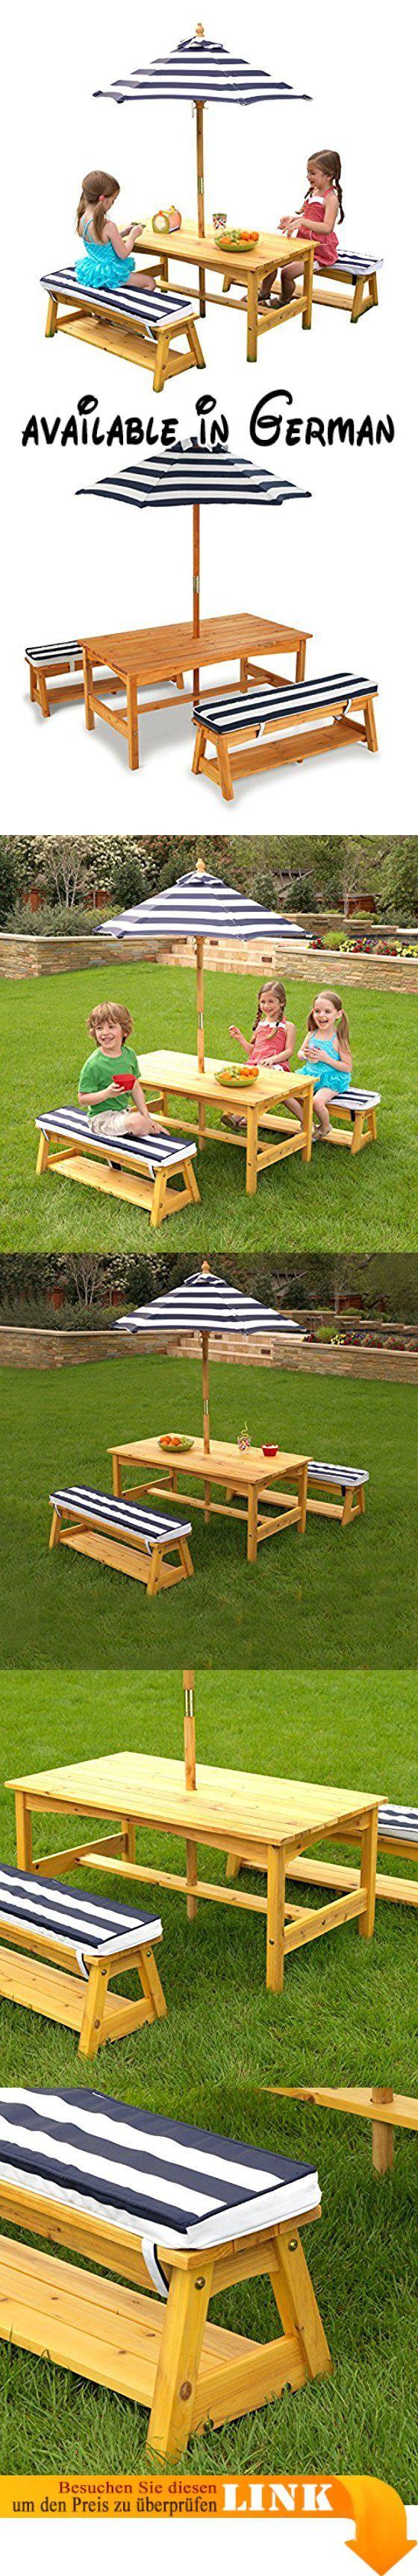 KidKraft Gartentischset mit Bank, Kissen und Sonnenschirm